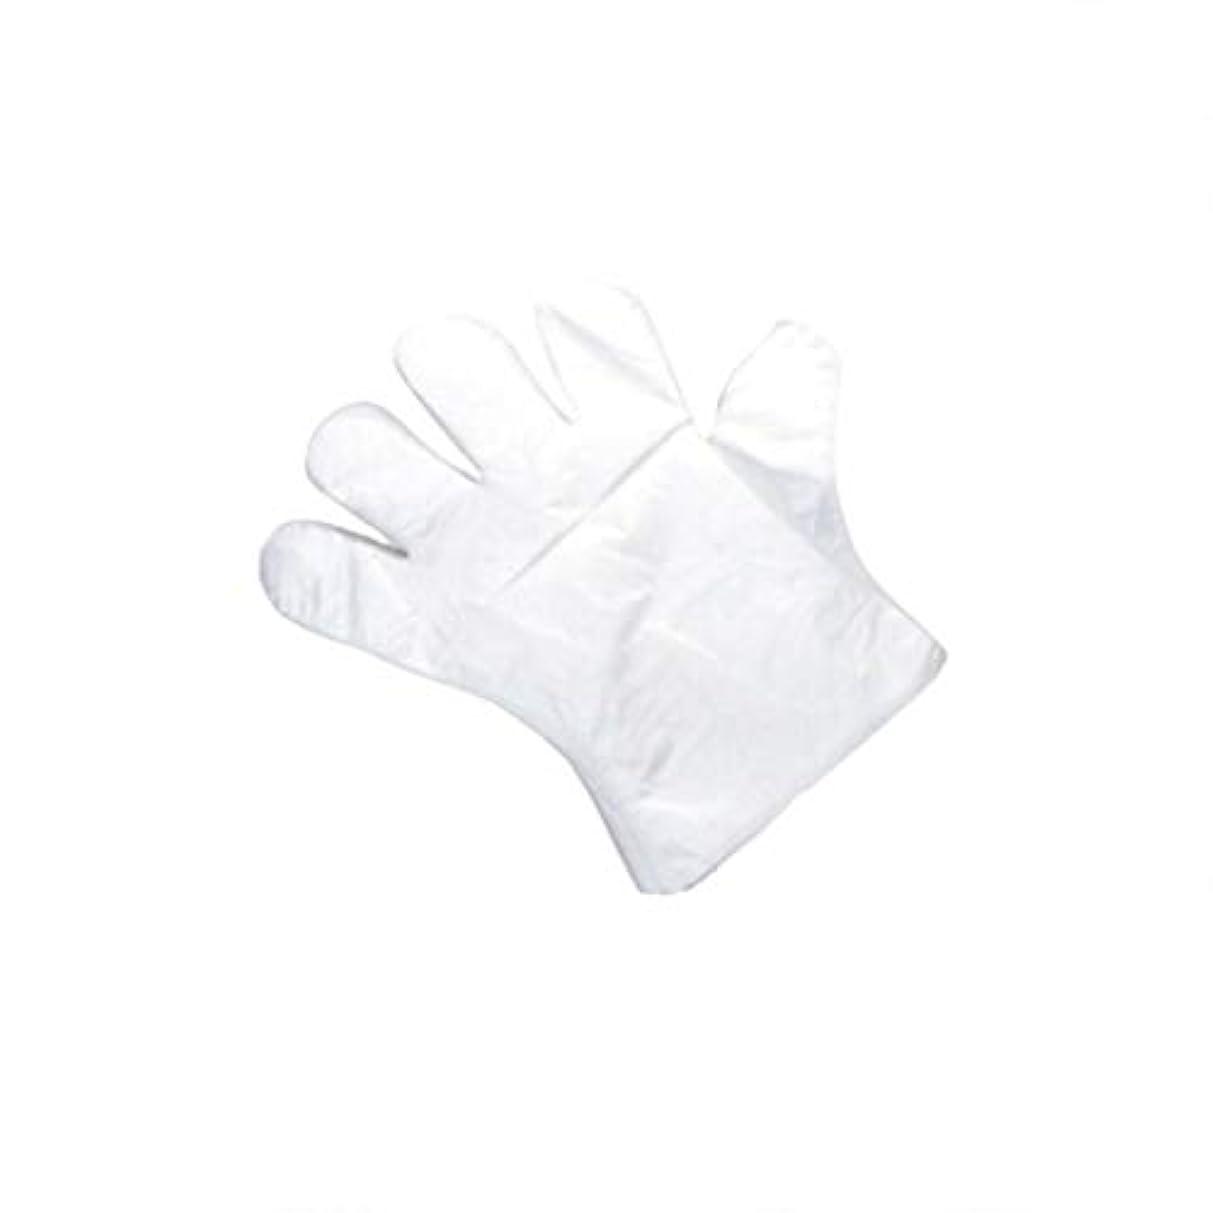 祭り滑りやすい逃げる手袋、使い捨て手袋、肥厚、抽出手袋、テーブル、ピクニック、100スーツ。